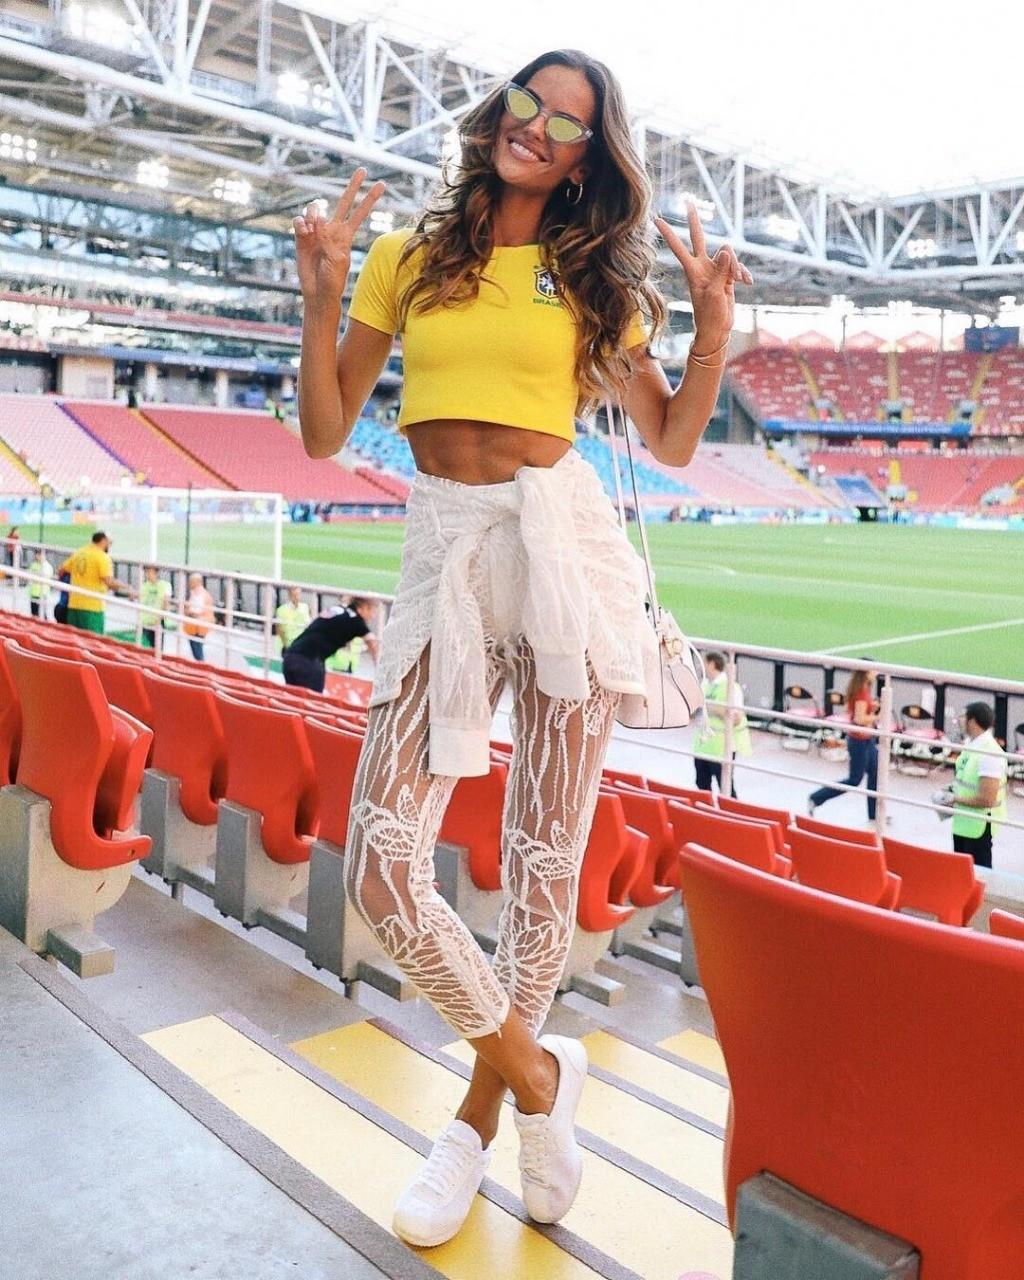 Izabel Goulart escolheu a camiseta amarela para torcer pelo Brasil (Foto: Reprodução/Instagram)